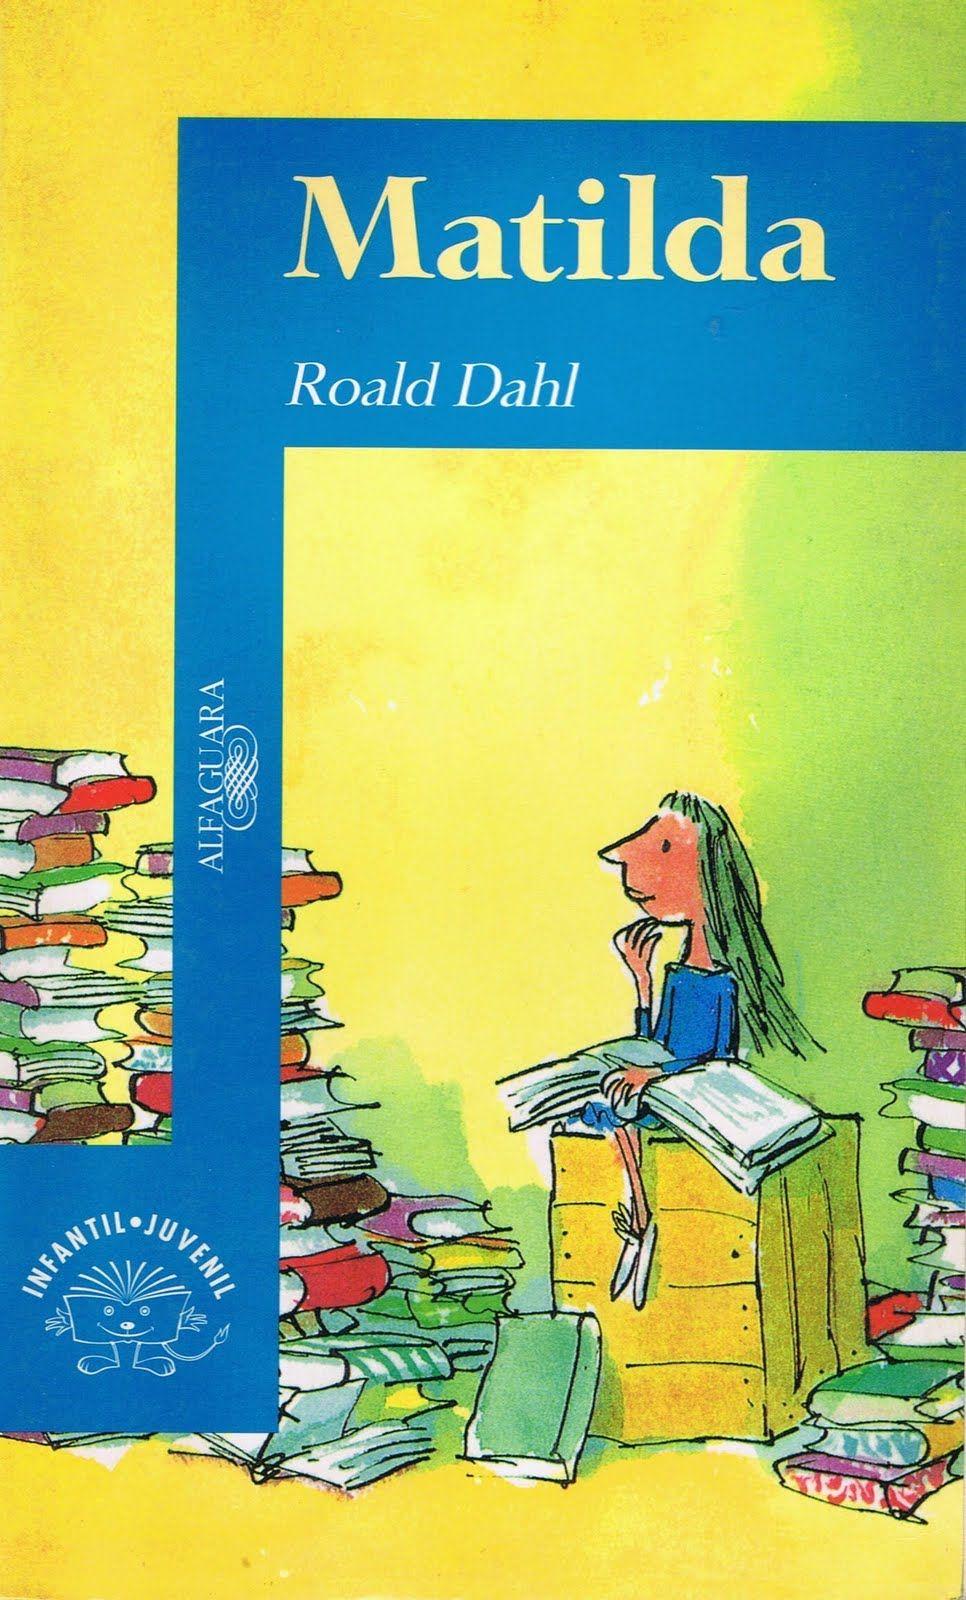 libros infantiles que no pueden faltar